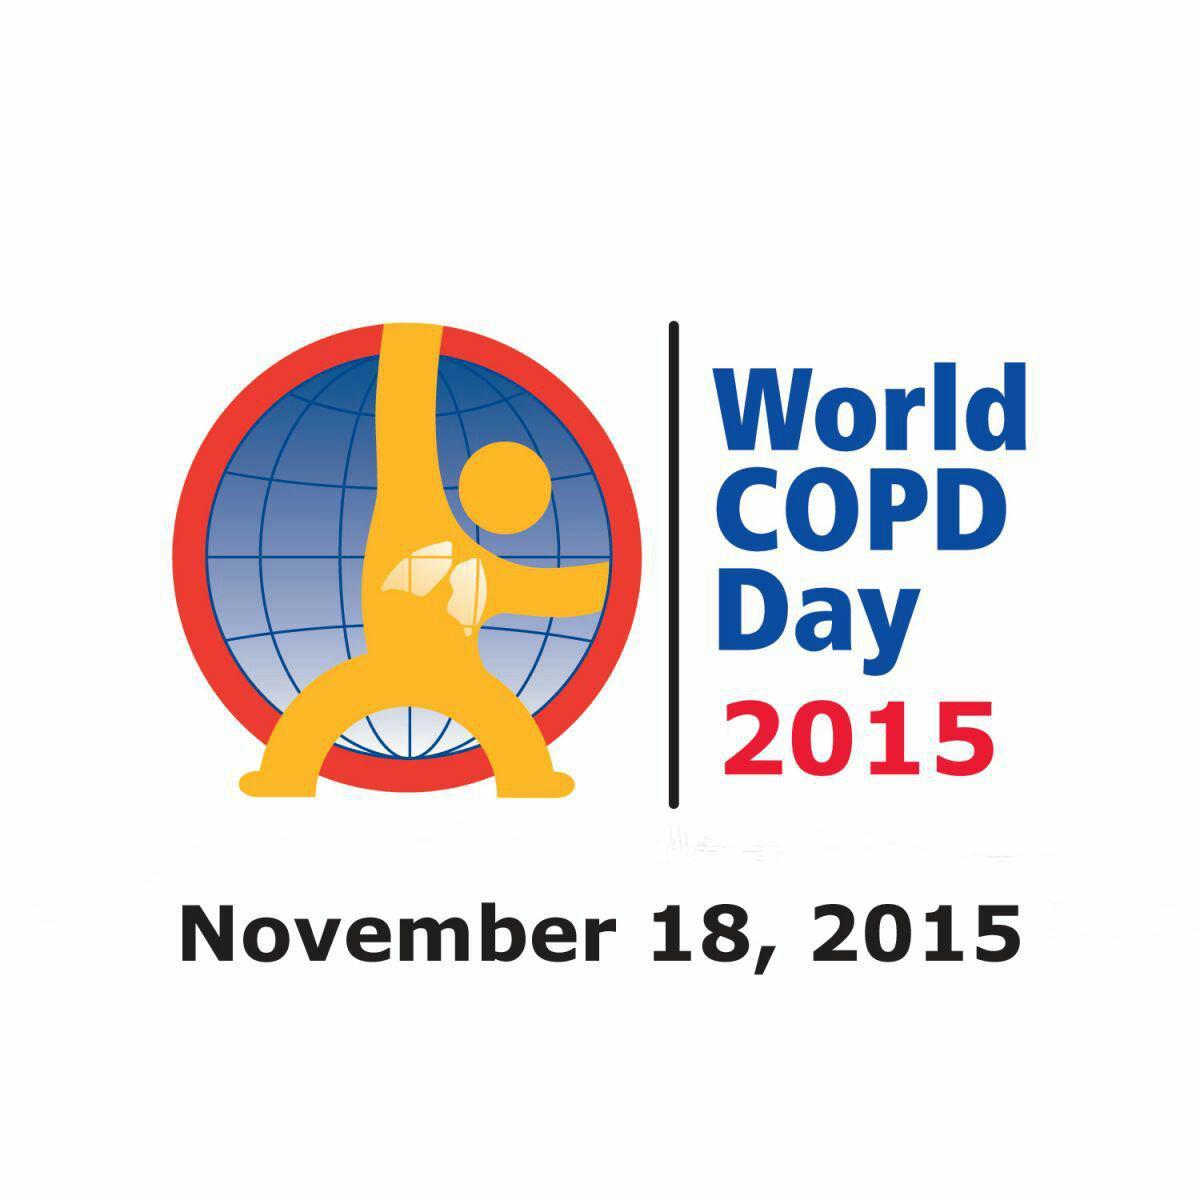 ۱۸ نوامبر (۲۷ آبان) روز جهانی COPD